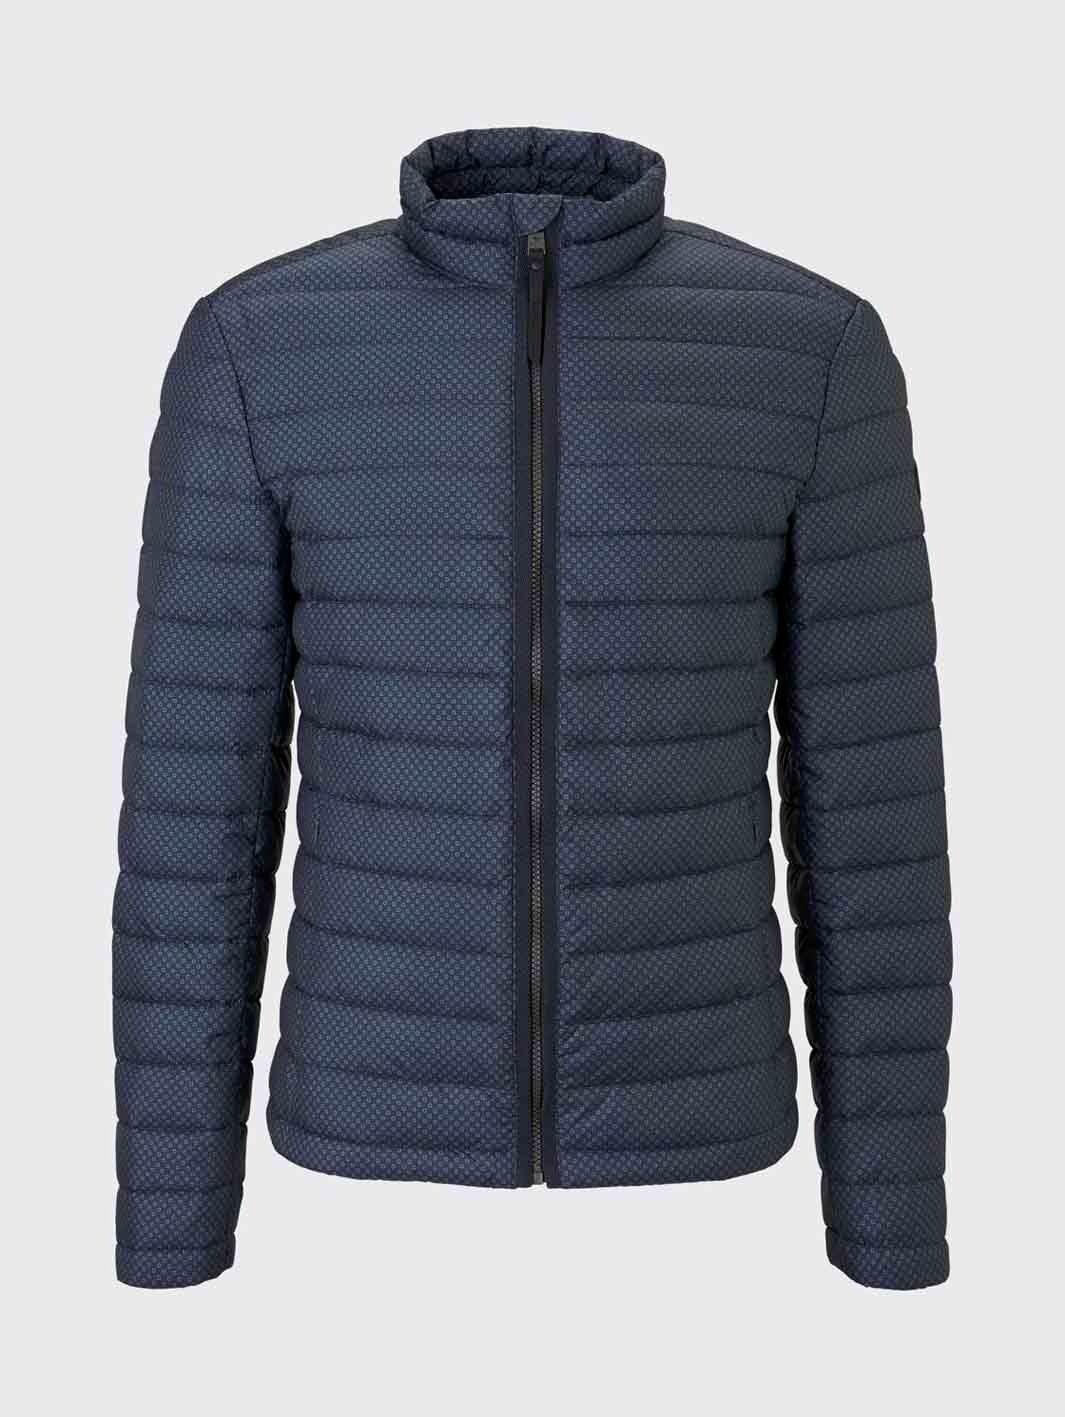 Tom Tailor leichte Jacke mit Stehkragen dark blue